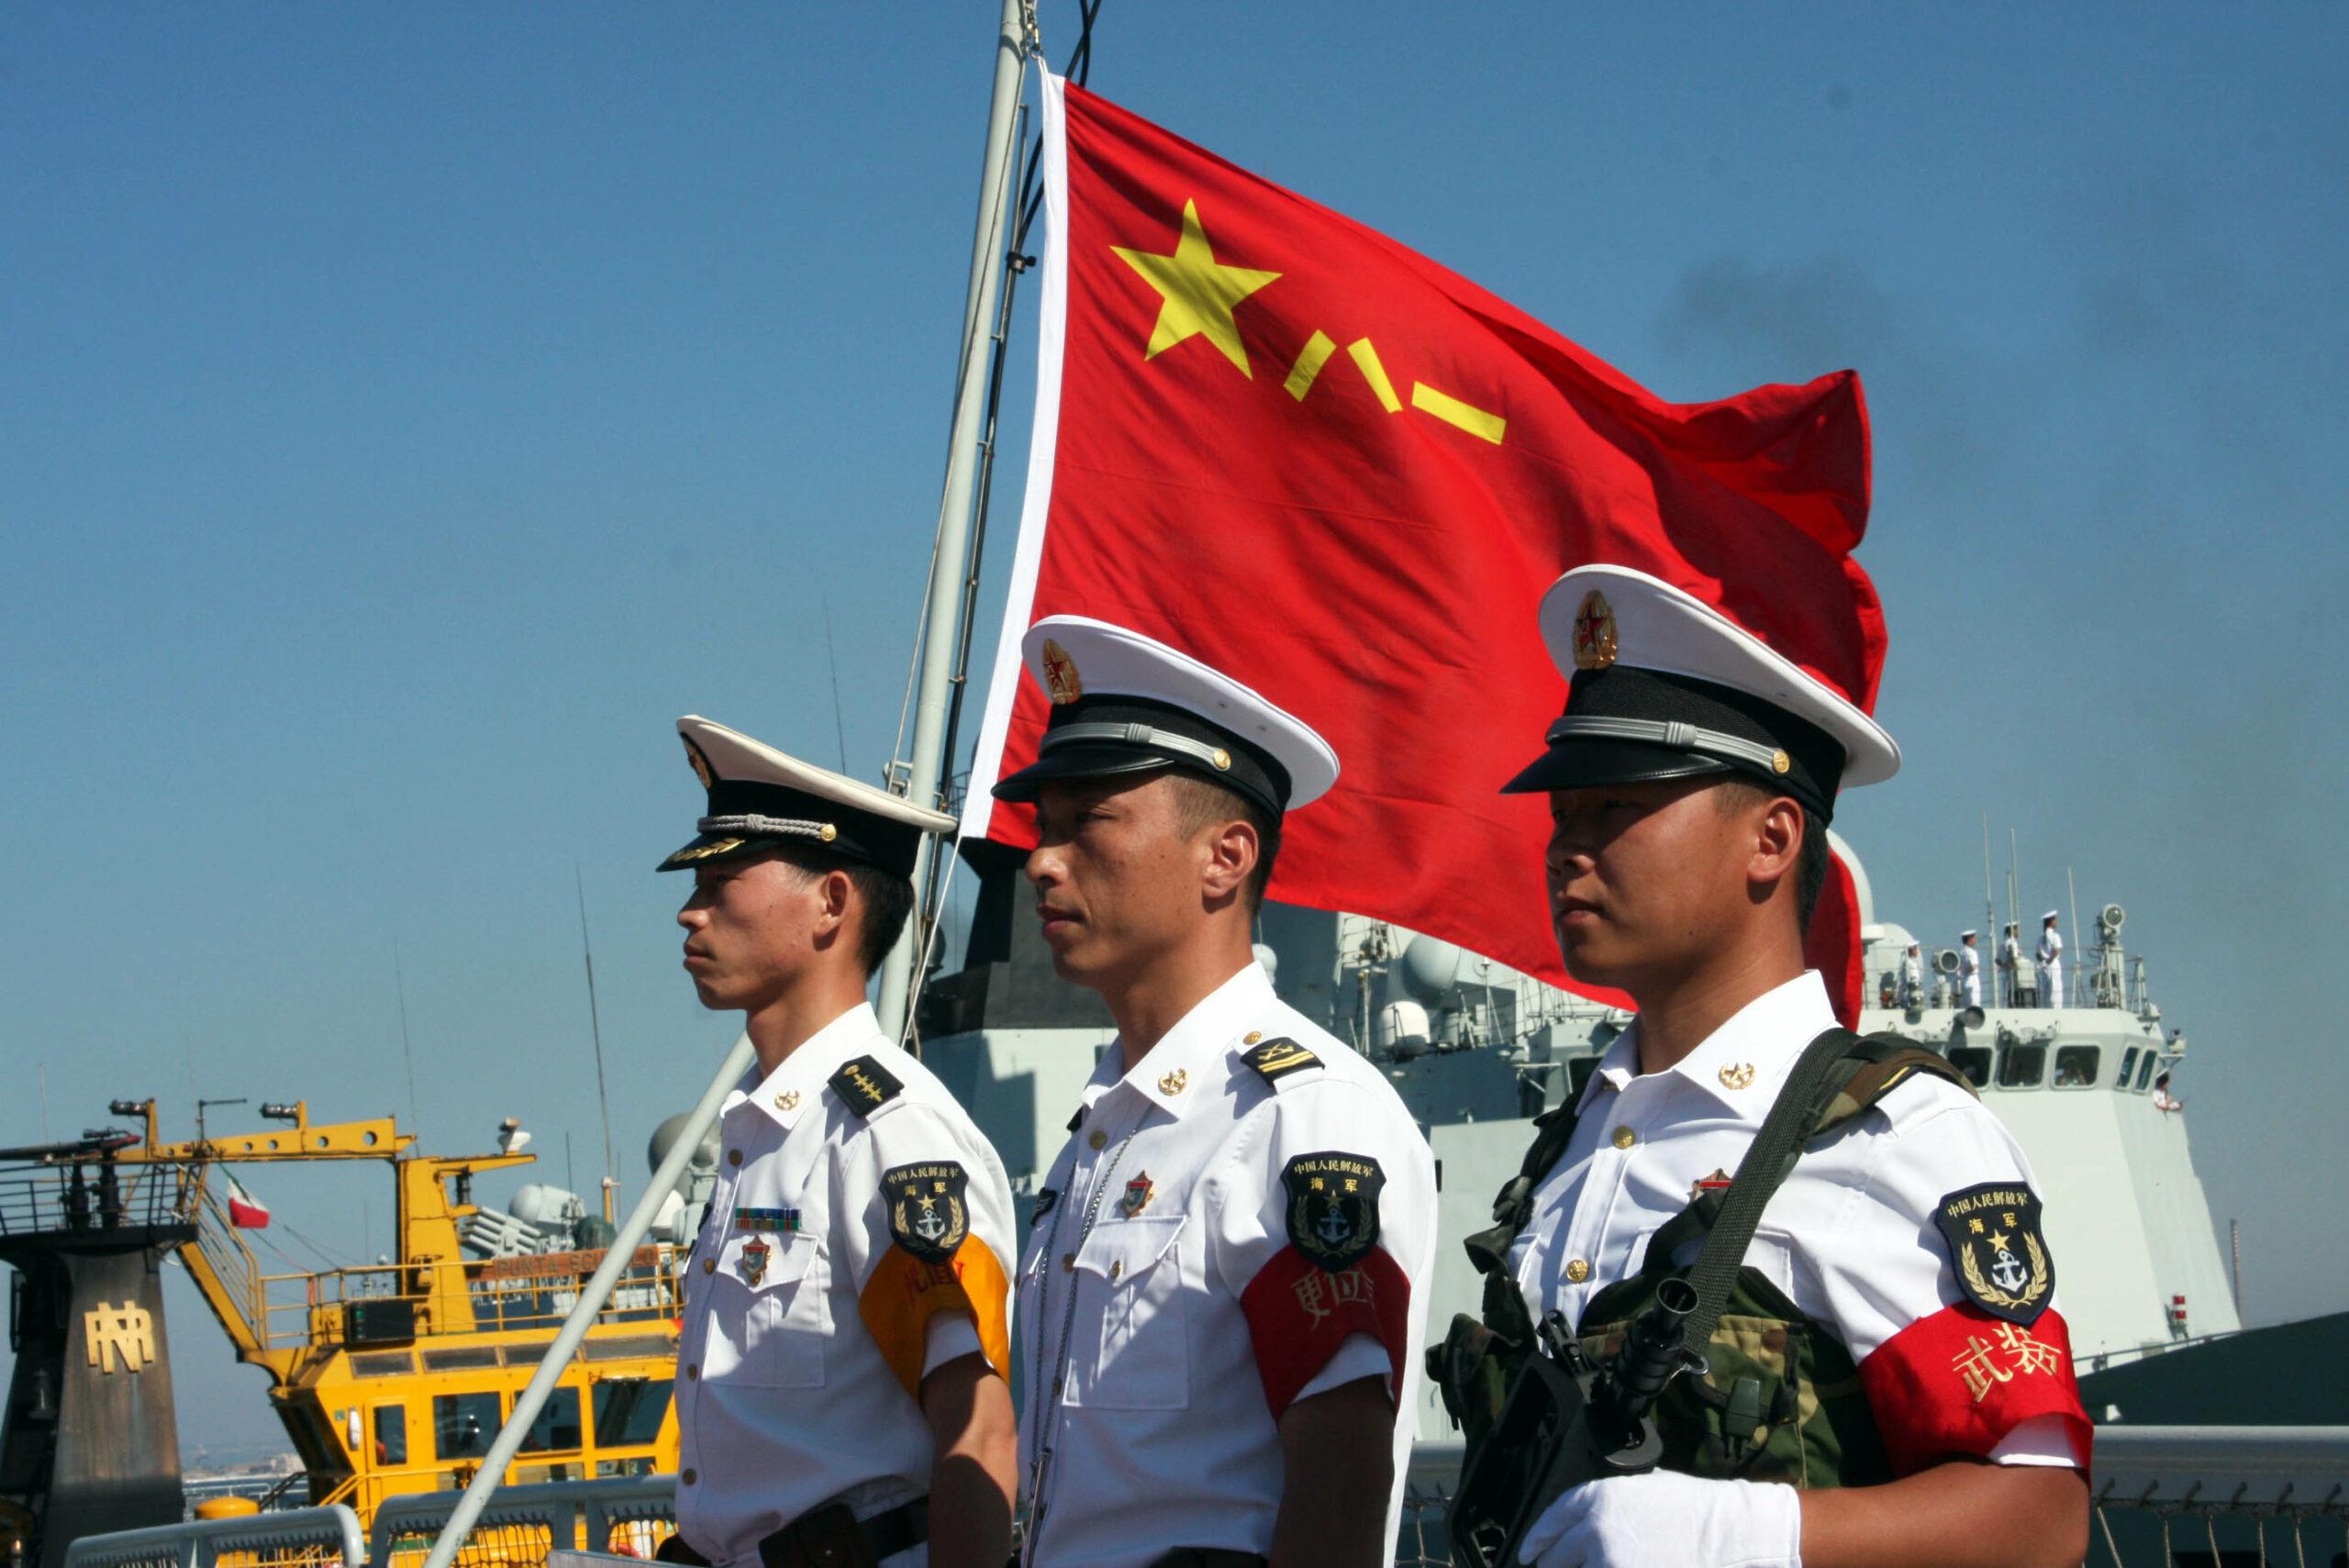 La mossa della Cina per avere basi negli oceani del mondo